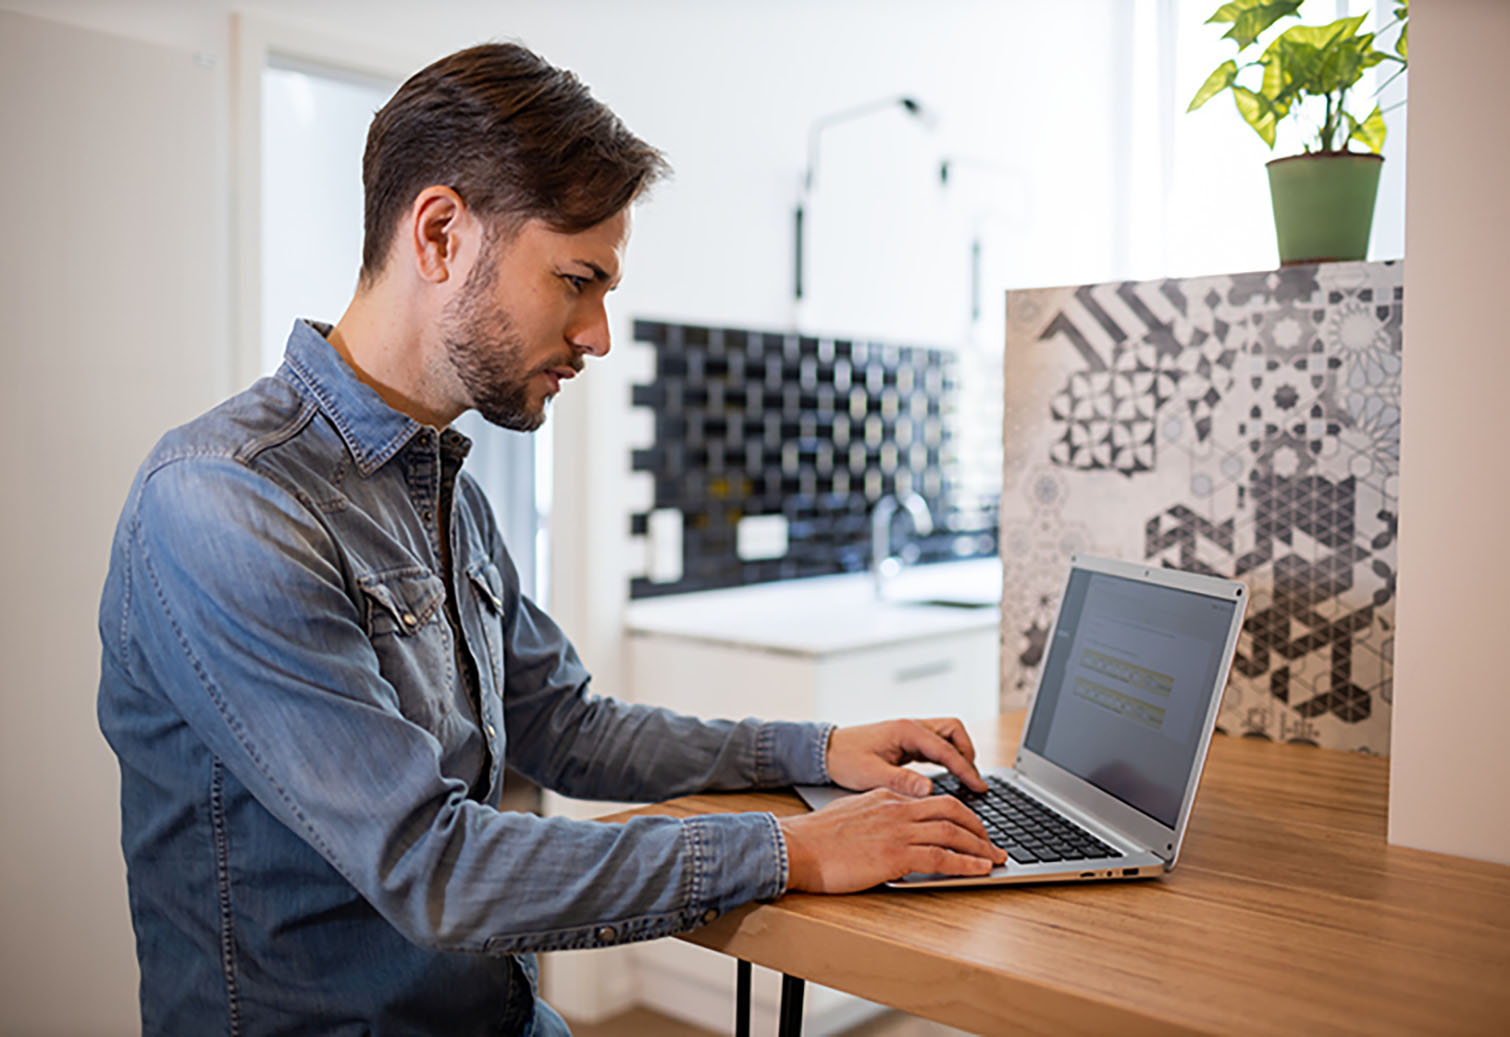 Lernender vor Laptop